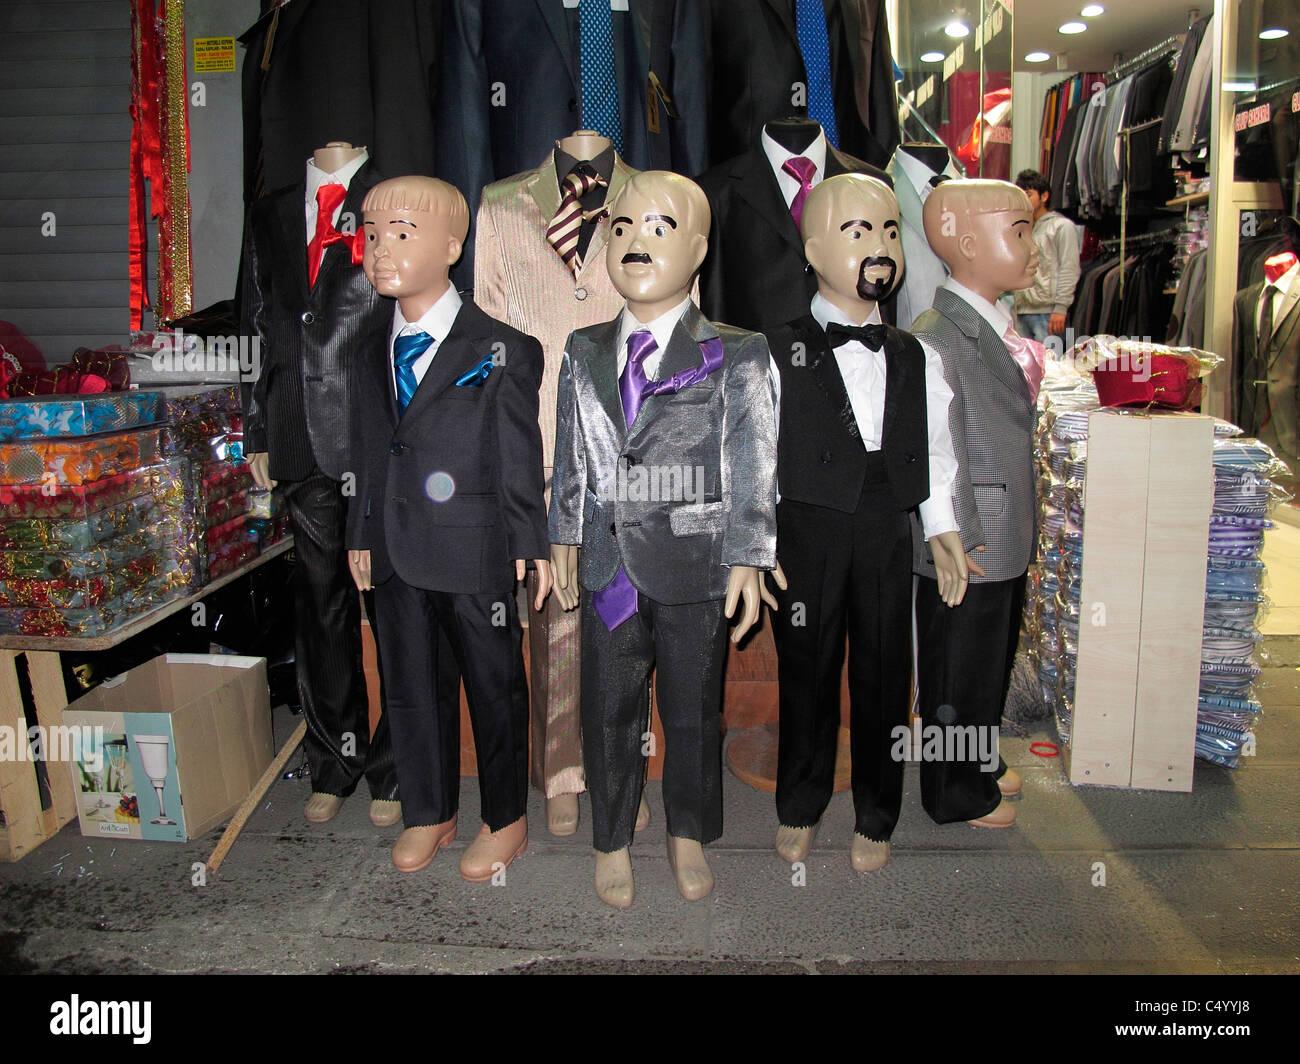 c7d3489321f81e Türkei Istanbul Sultanahmet Alter Stadt Shop verkaufen Hochzeitskleidung  Stockbild